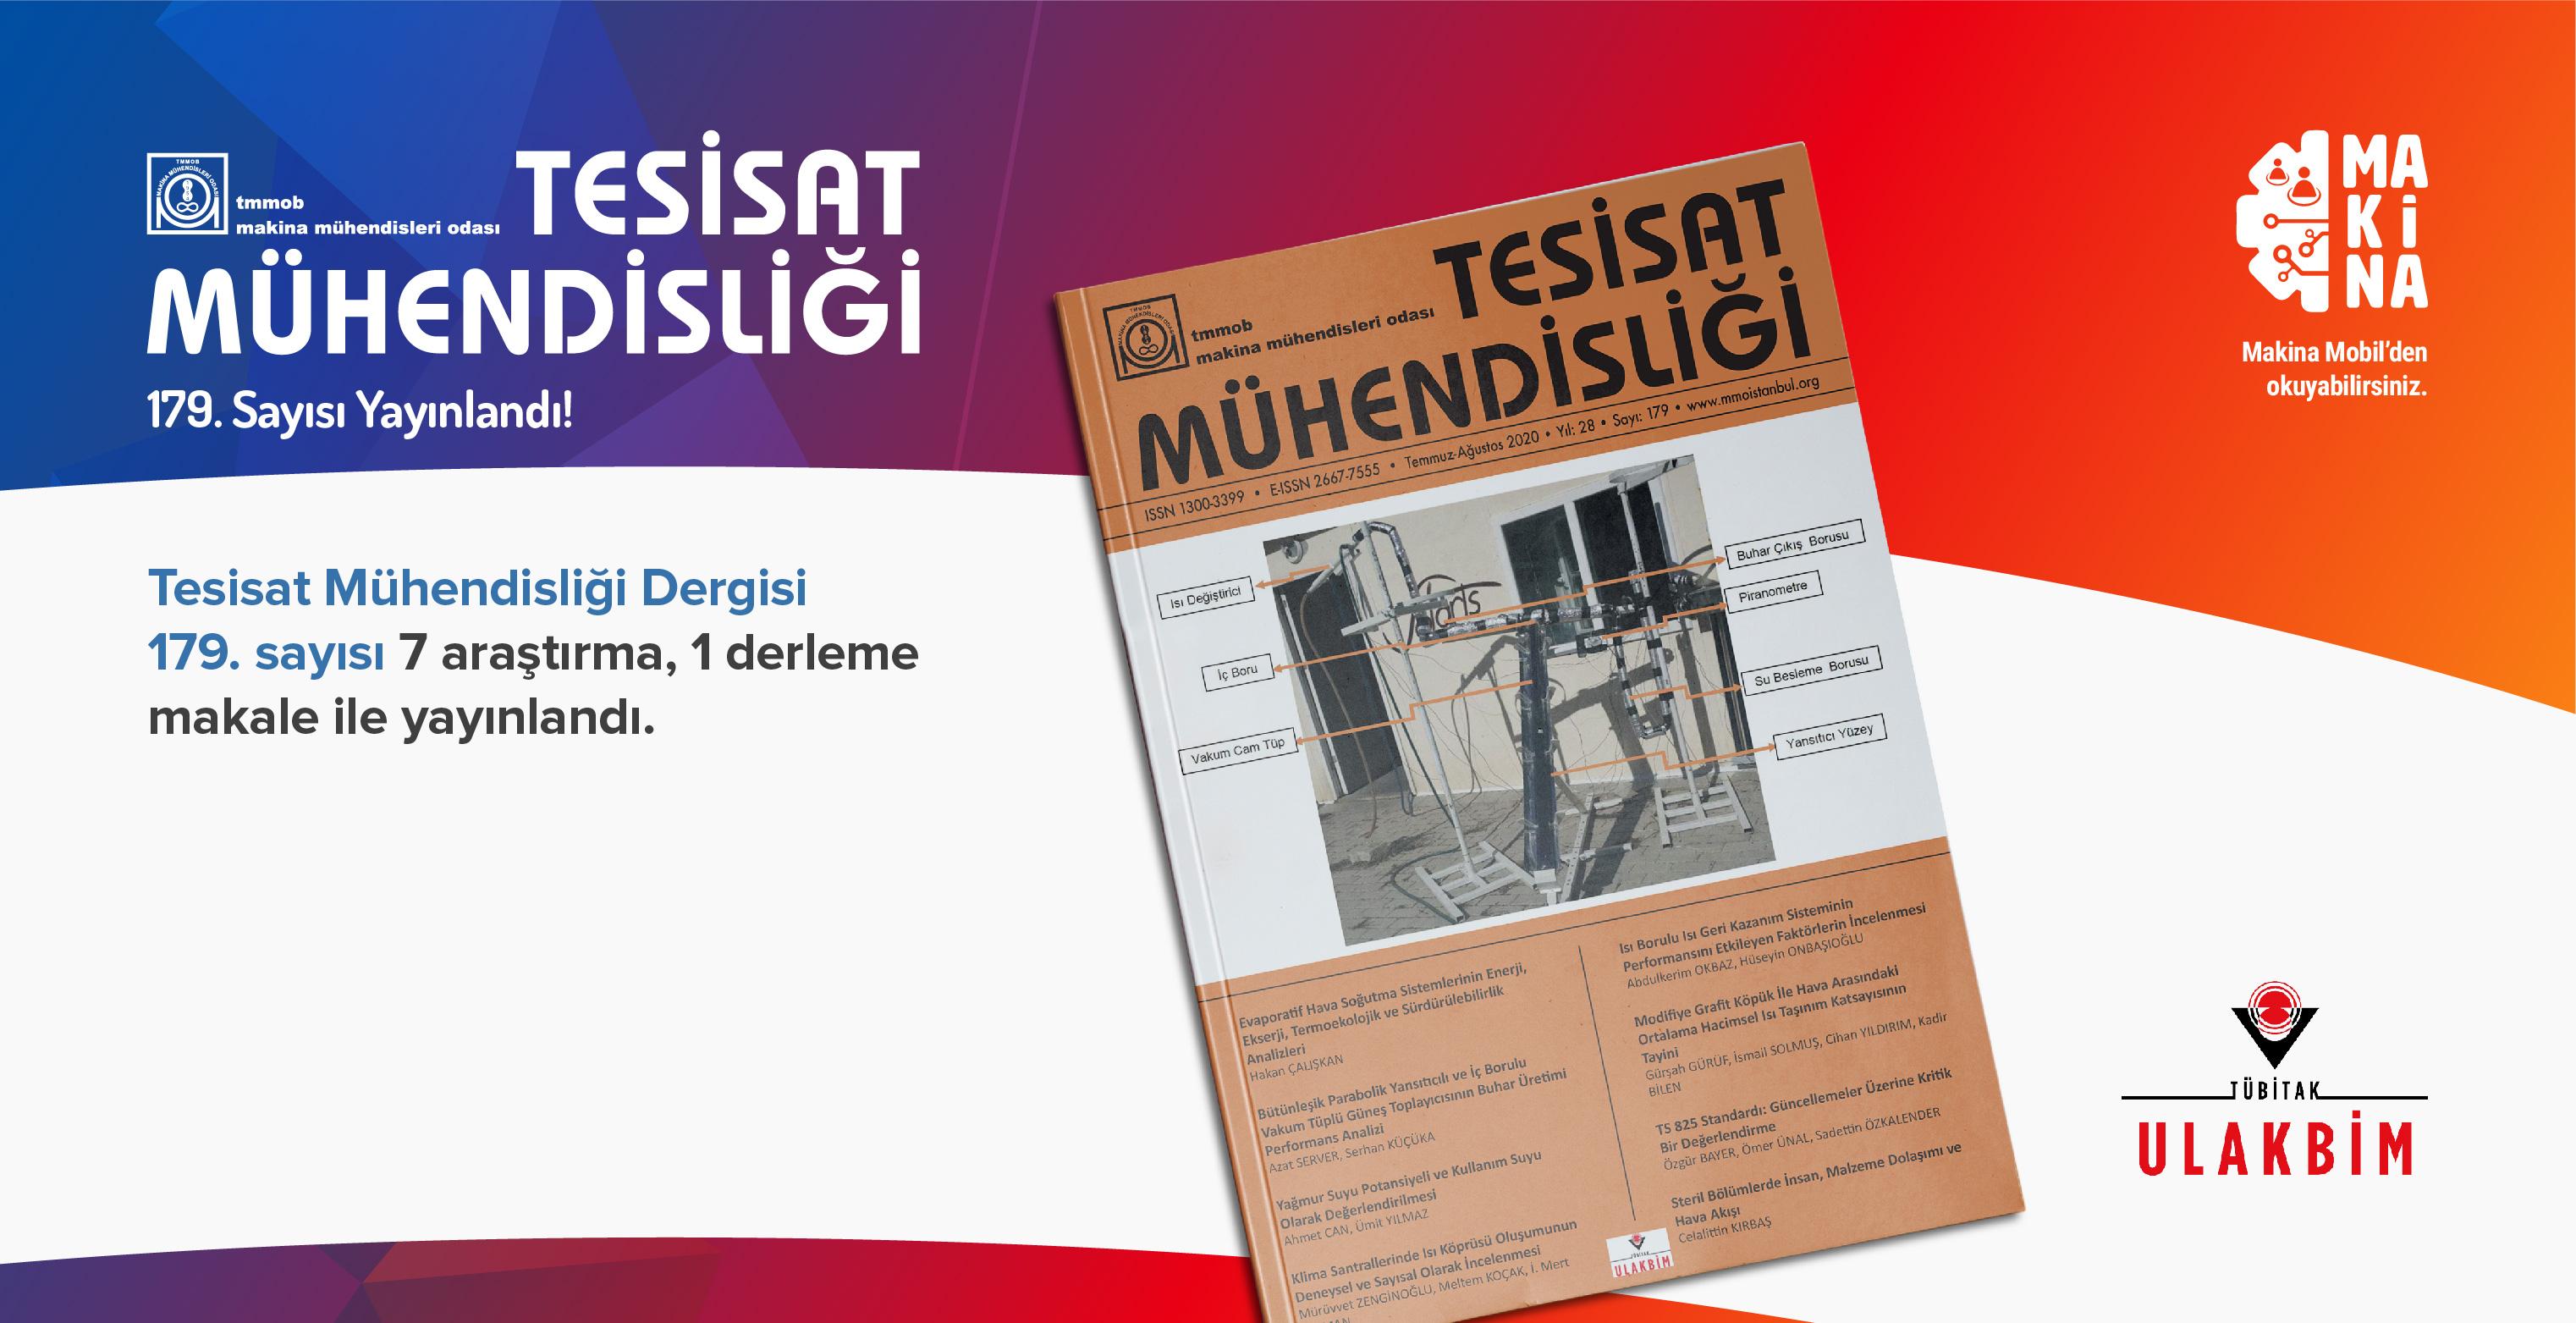 Tesisat Mühendisliği Dergisi 179. Sayısı Yayınlandı!